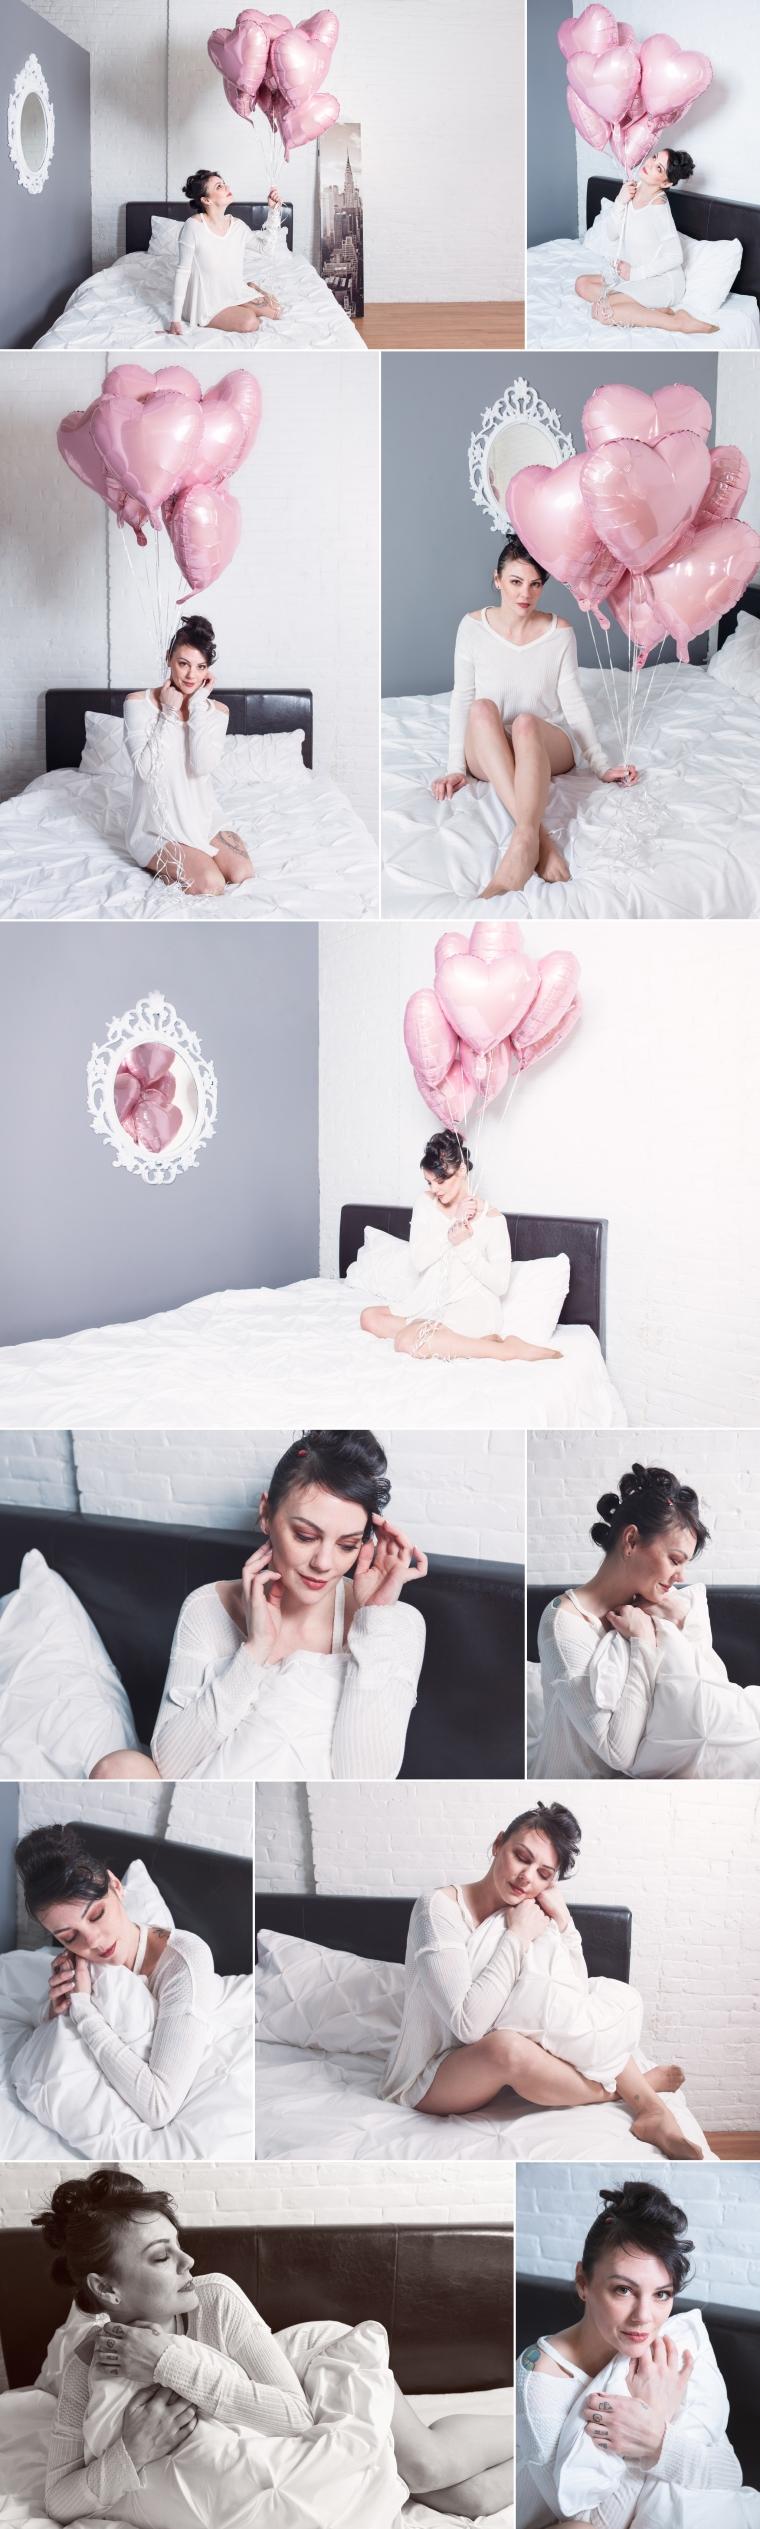 Pink Heart Balloons Boudoir